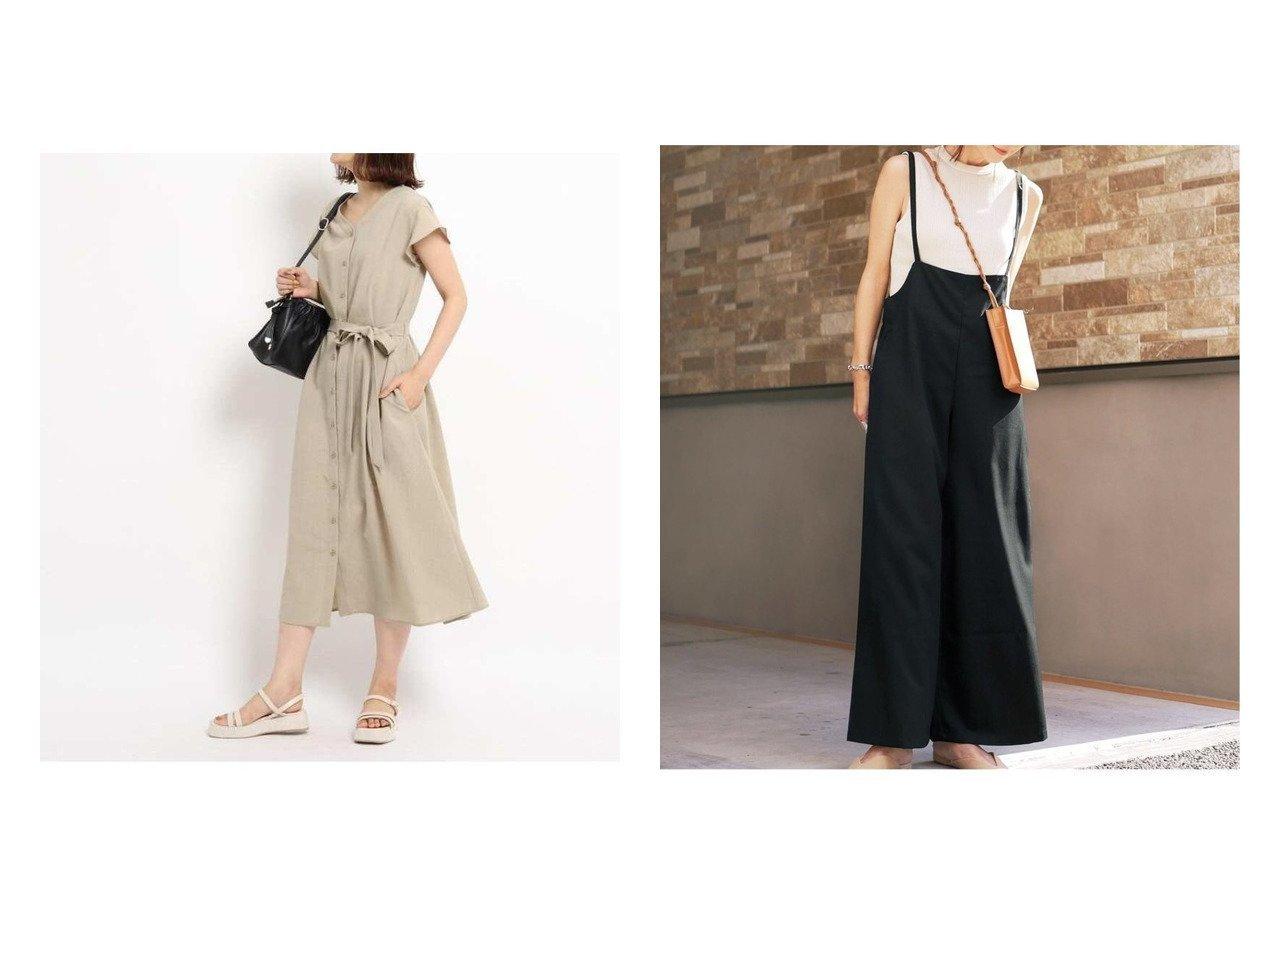 【GeeRa/ジーラ】のサロペットワイドパンツ&【grove/グローブ】の【S-LL】フレアスリーブワンピース 【プチプライス・低価格】おすすめ!人気、トレンド・レディースファッションの通販 おすすめで人気の流行・トレンド、ファッションの通販商品 インテリア・家具・メンズファッション・キッズファッション・レディースファッション・服の通販 founy(ファニー) https://founy.com/ ファッション Fashion レディースファッション WOMEN ワンピース Dress スリーブ フェミニン フレア 切替 サロペット ジーンズ ストレッチ チェック デニム ラップ  ID:crp329100000061864